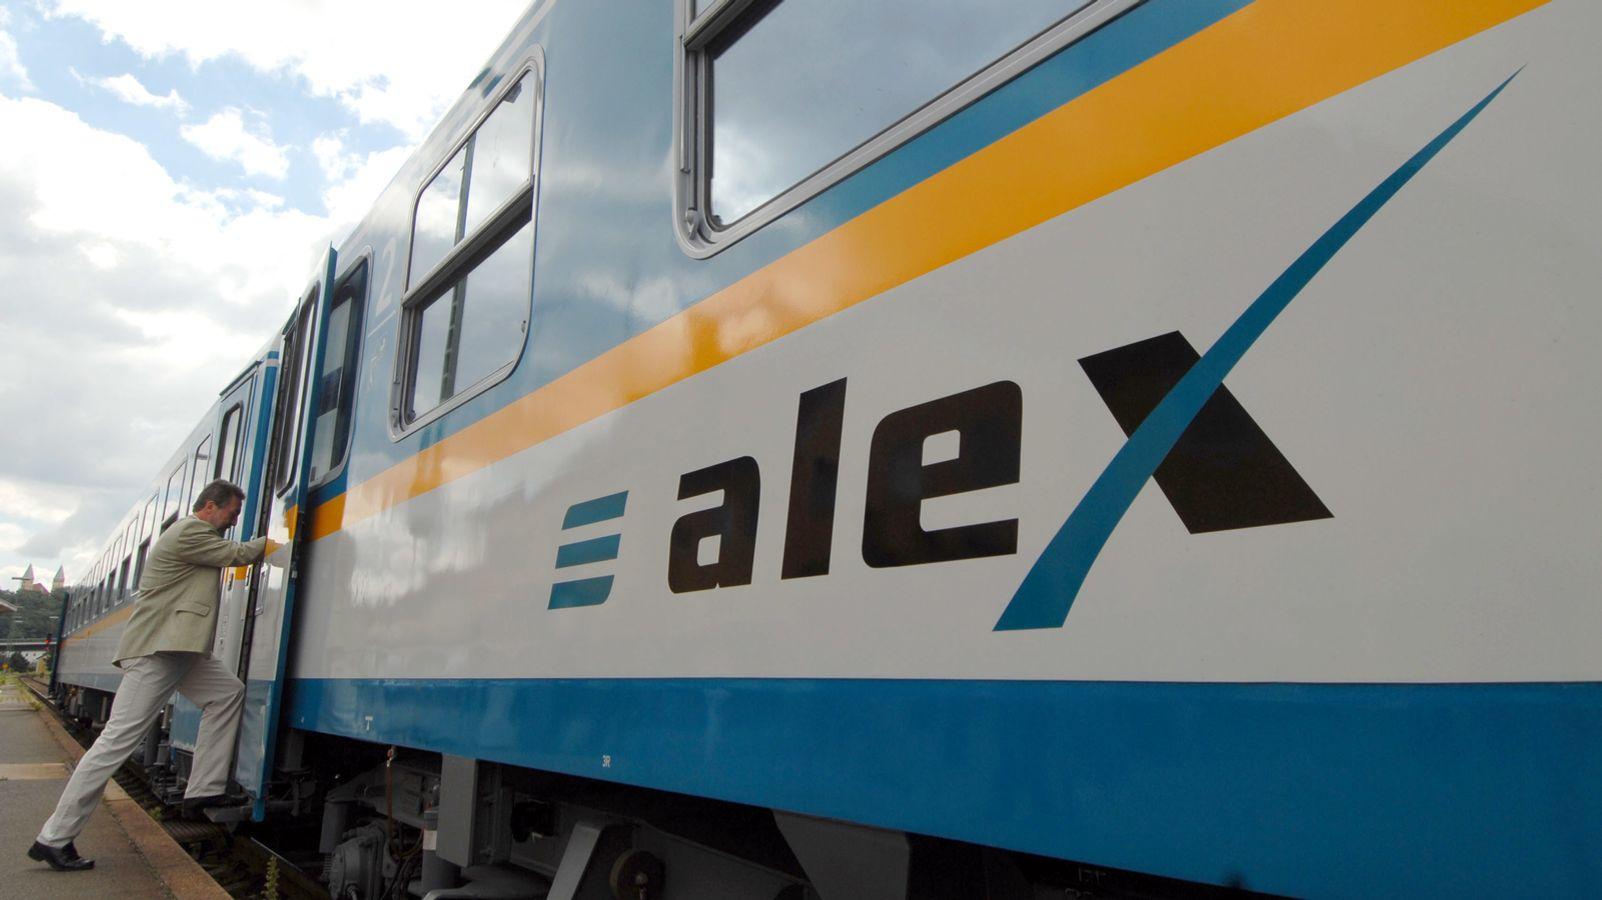 Zugausfälle Bei Alex Und Oberpfalzbahn Wegen Lokführermangel